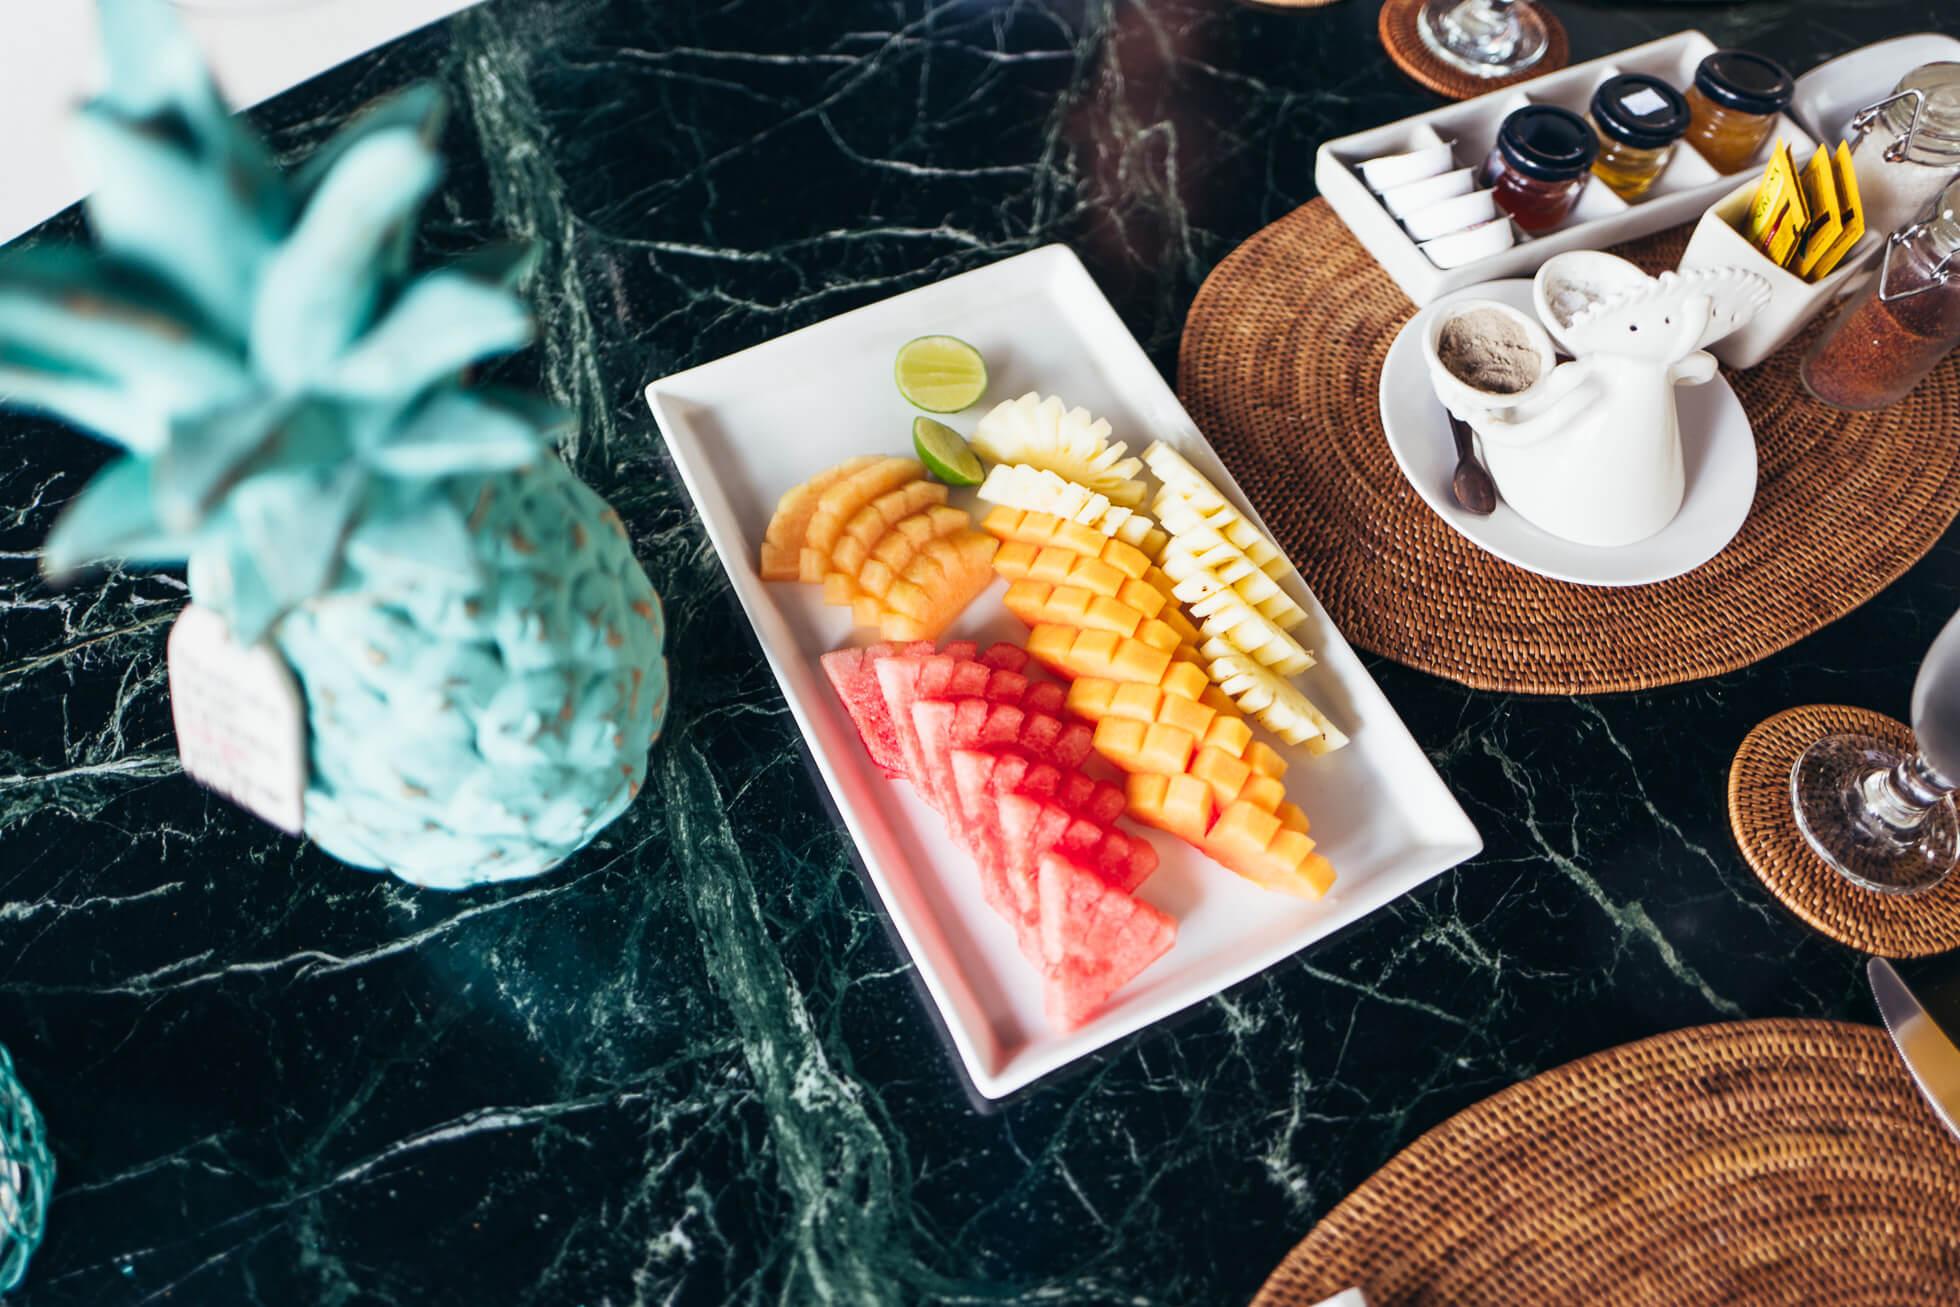 janni-deler-villa-breakfastL1000569